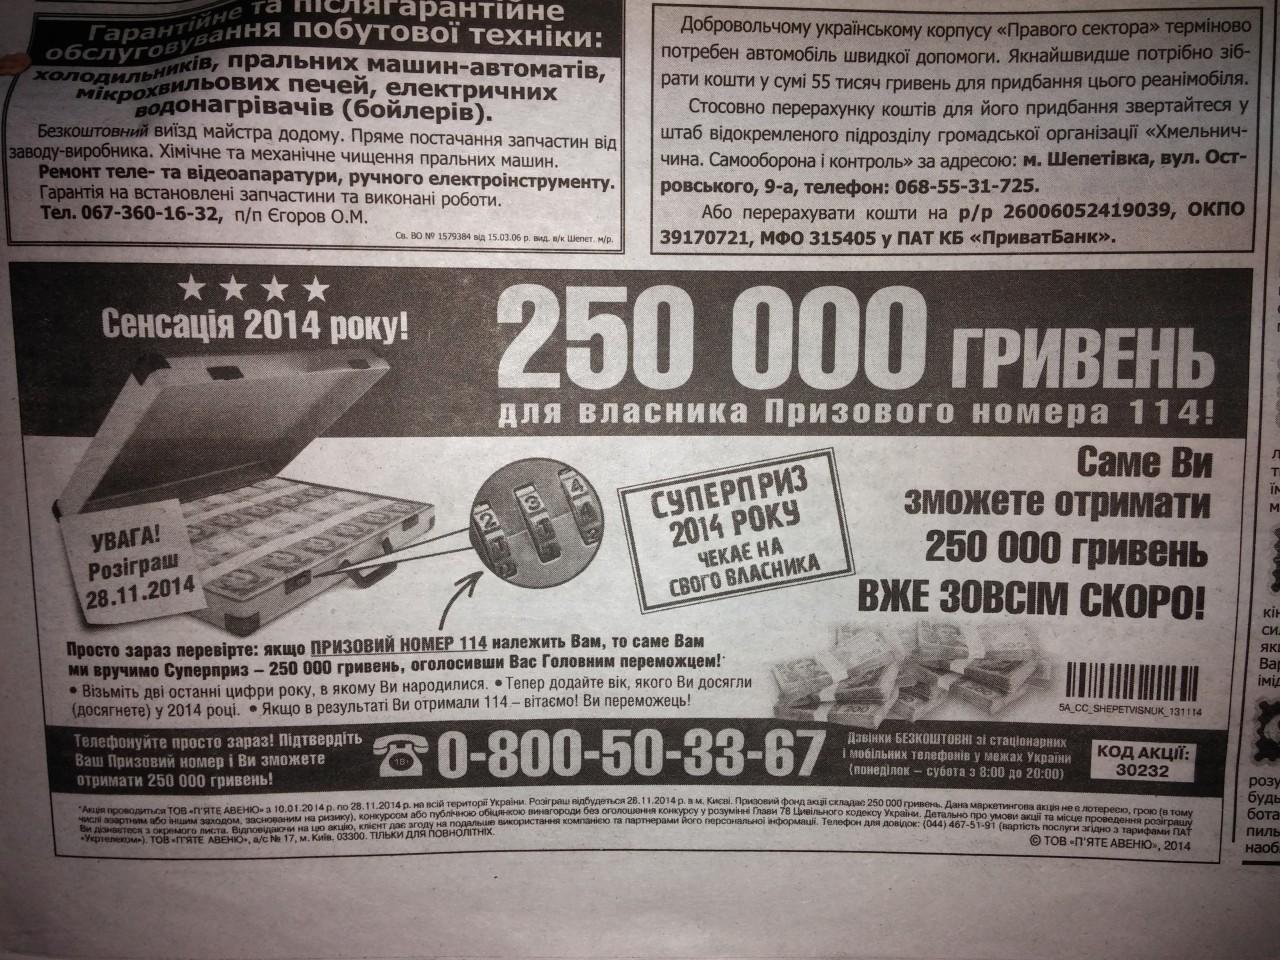 Халява року! Кожен отримає 250 00 гривень!